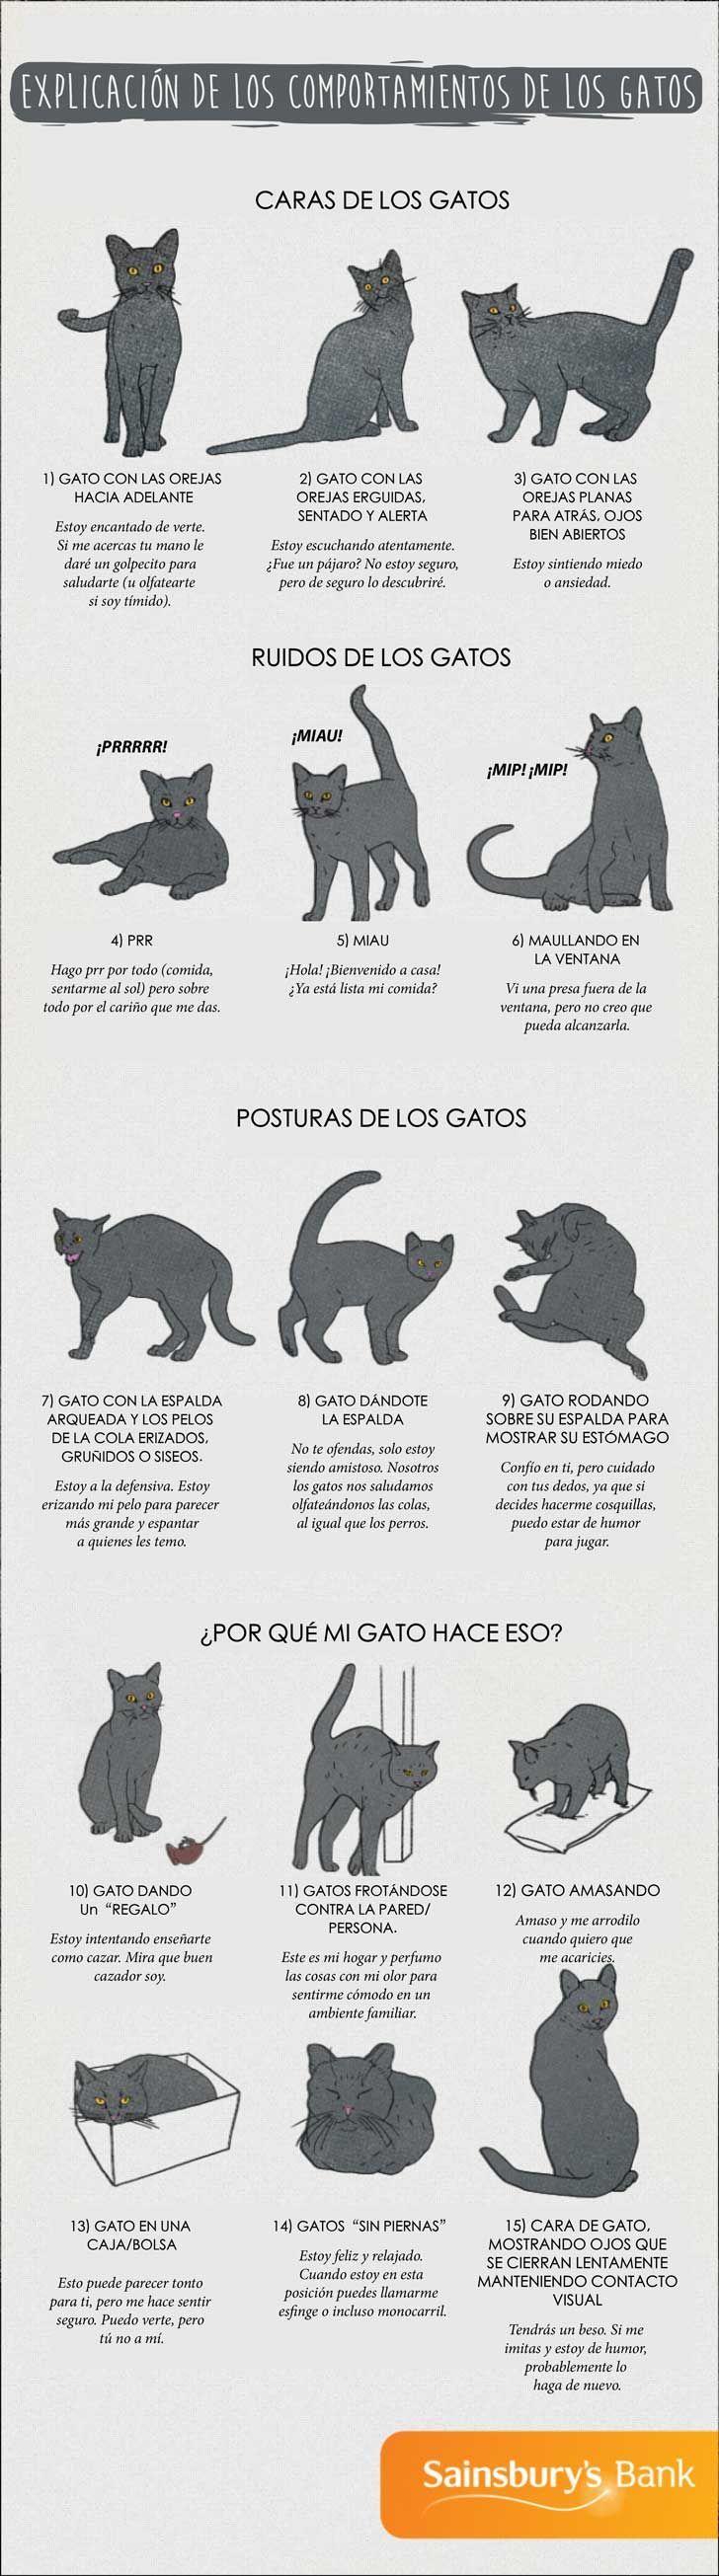 Por fin podrás comprender lo que tu gato está tratando de decirte ...